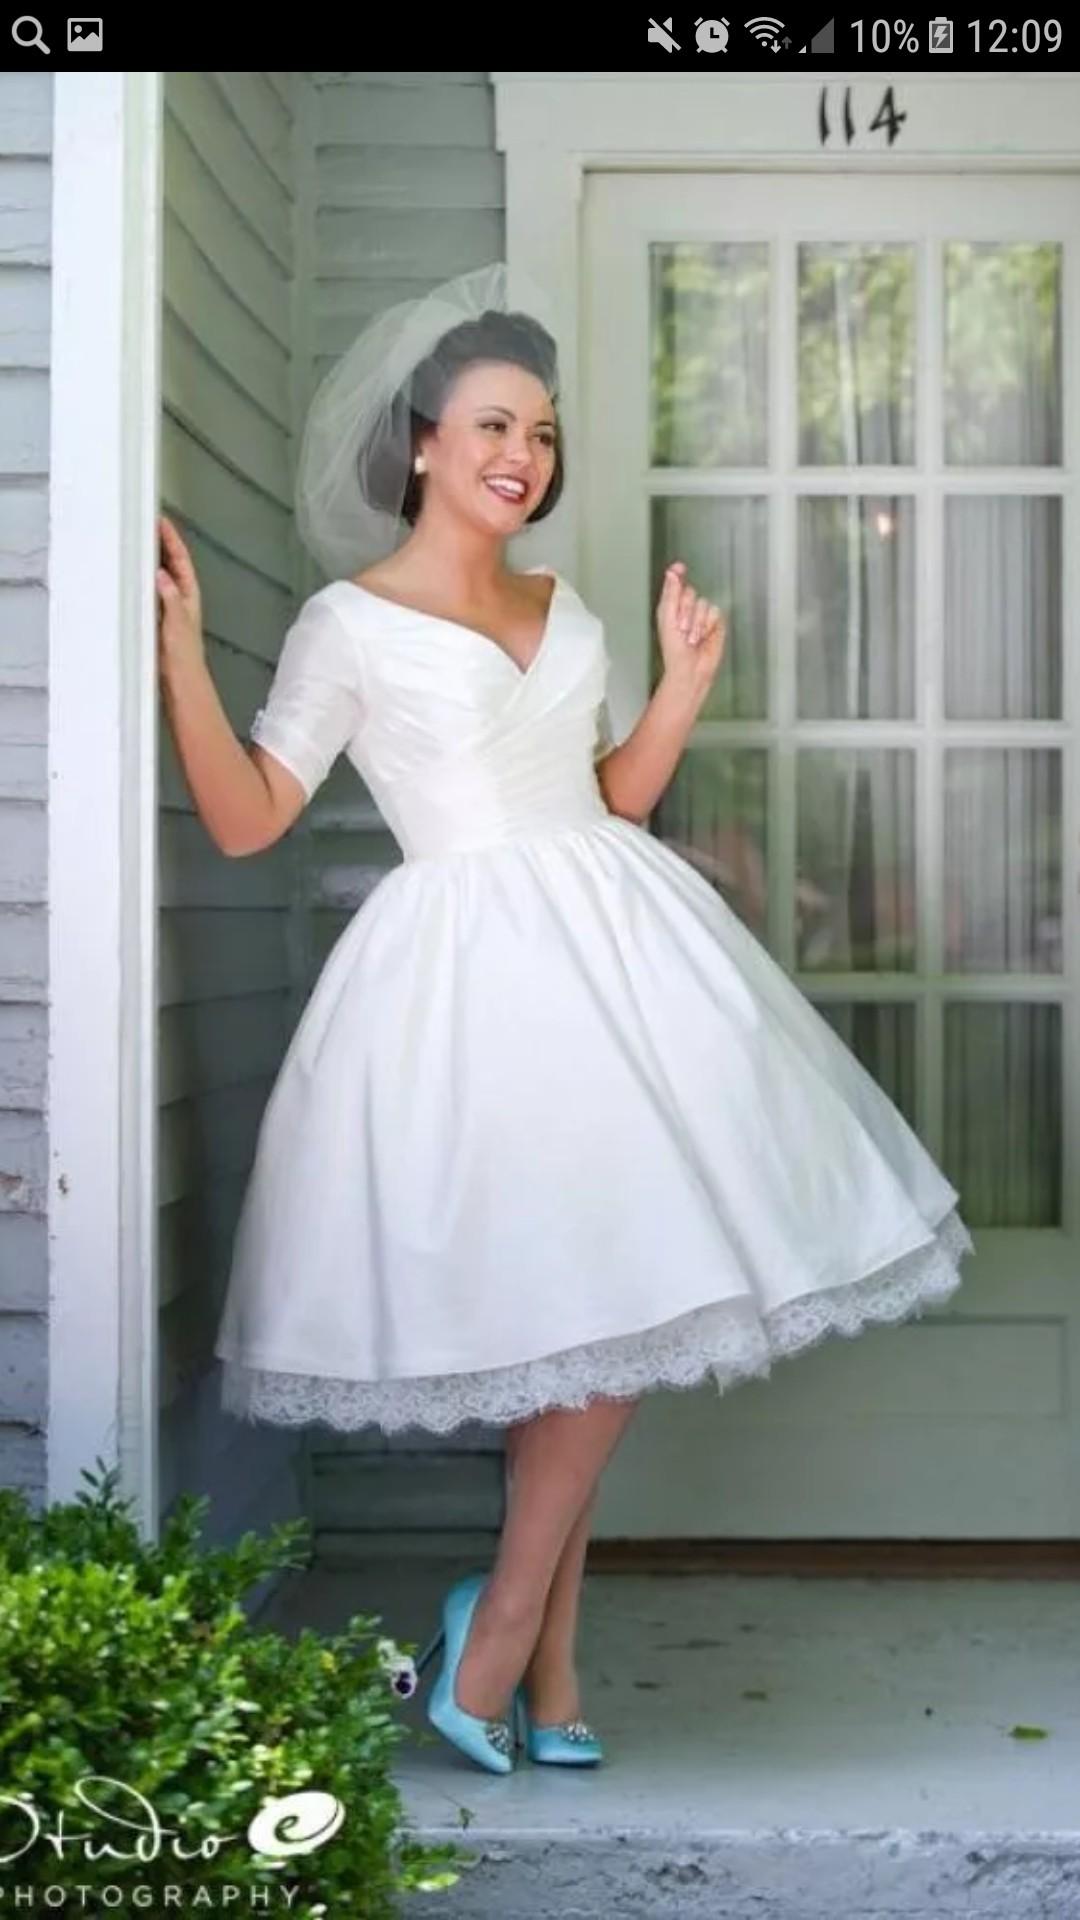 Здравствуйте,сколько будет стоить такое платье и какие сроки?